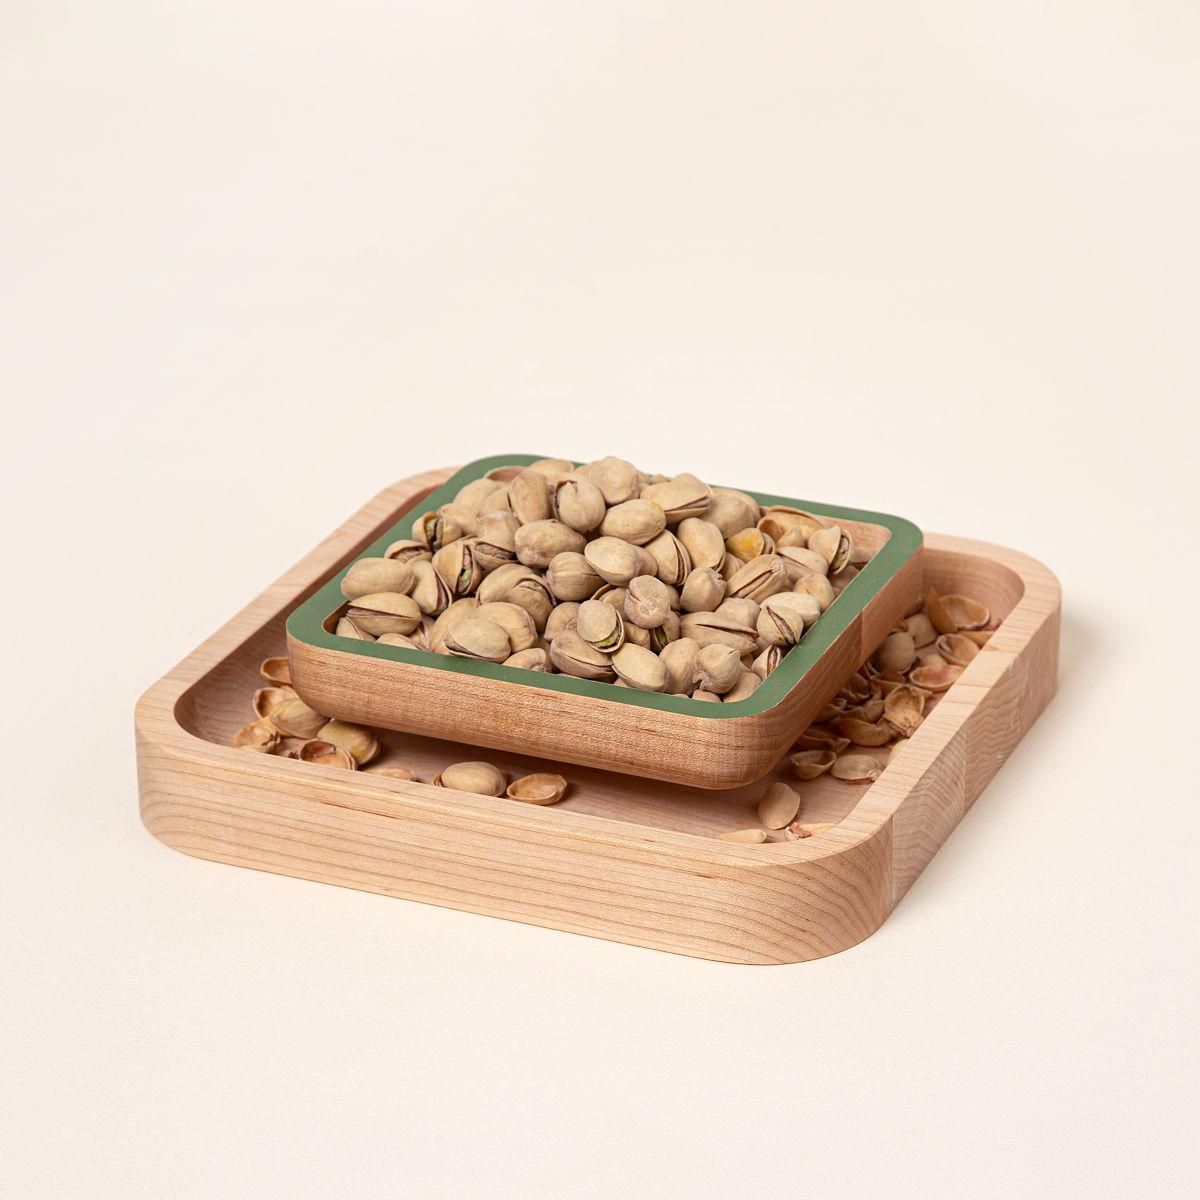 Gift Ideas For Wedding Host Couple : Pistachio Pedestal nut bowl, shelled pistachios UncommonGoods